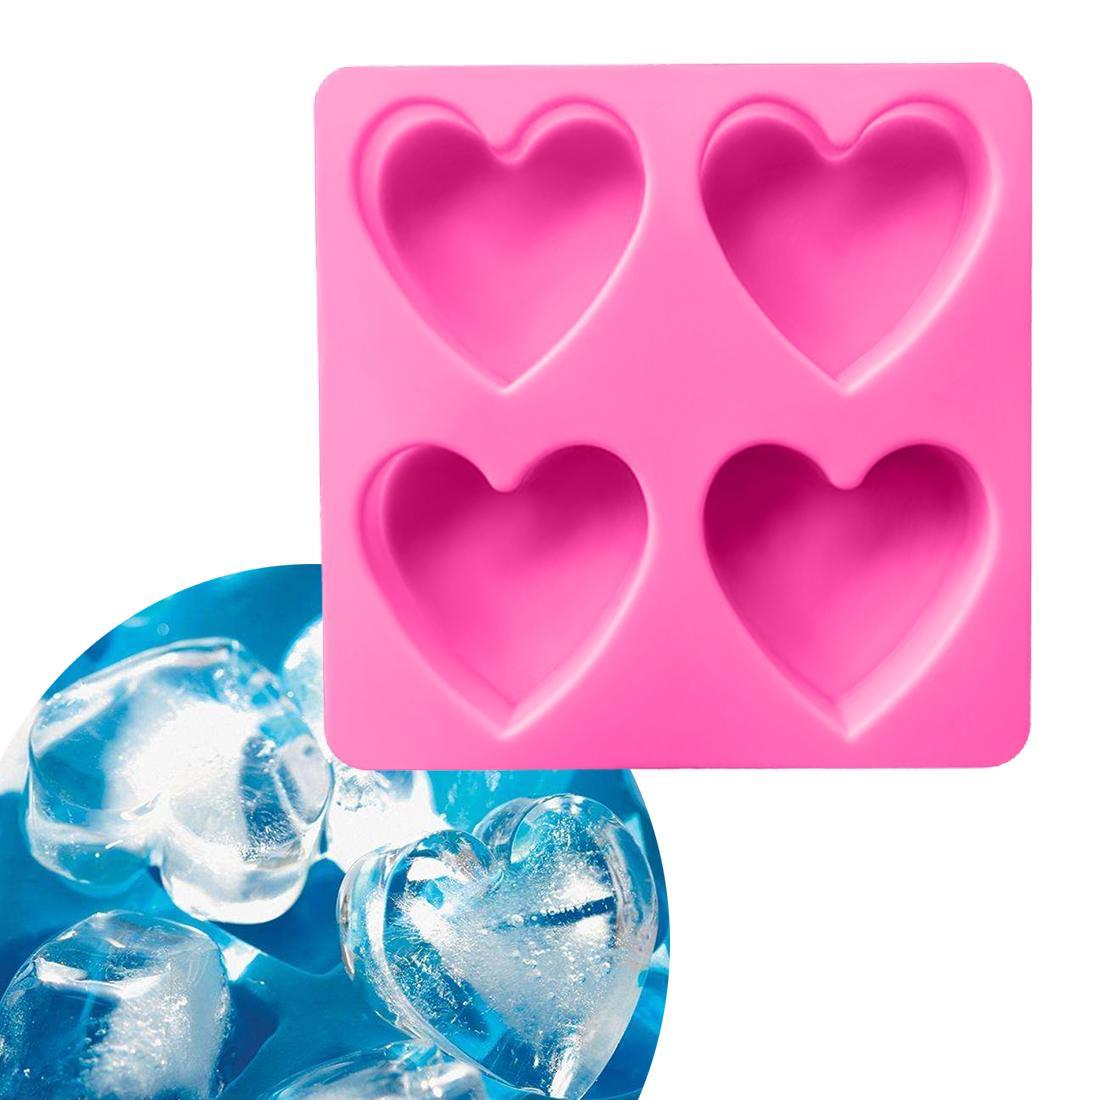 Grosshandel Herzform 4 Locher Silikon Eis Kuchen Seifenformen Fondant